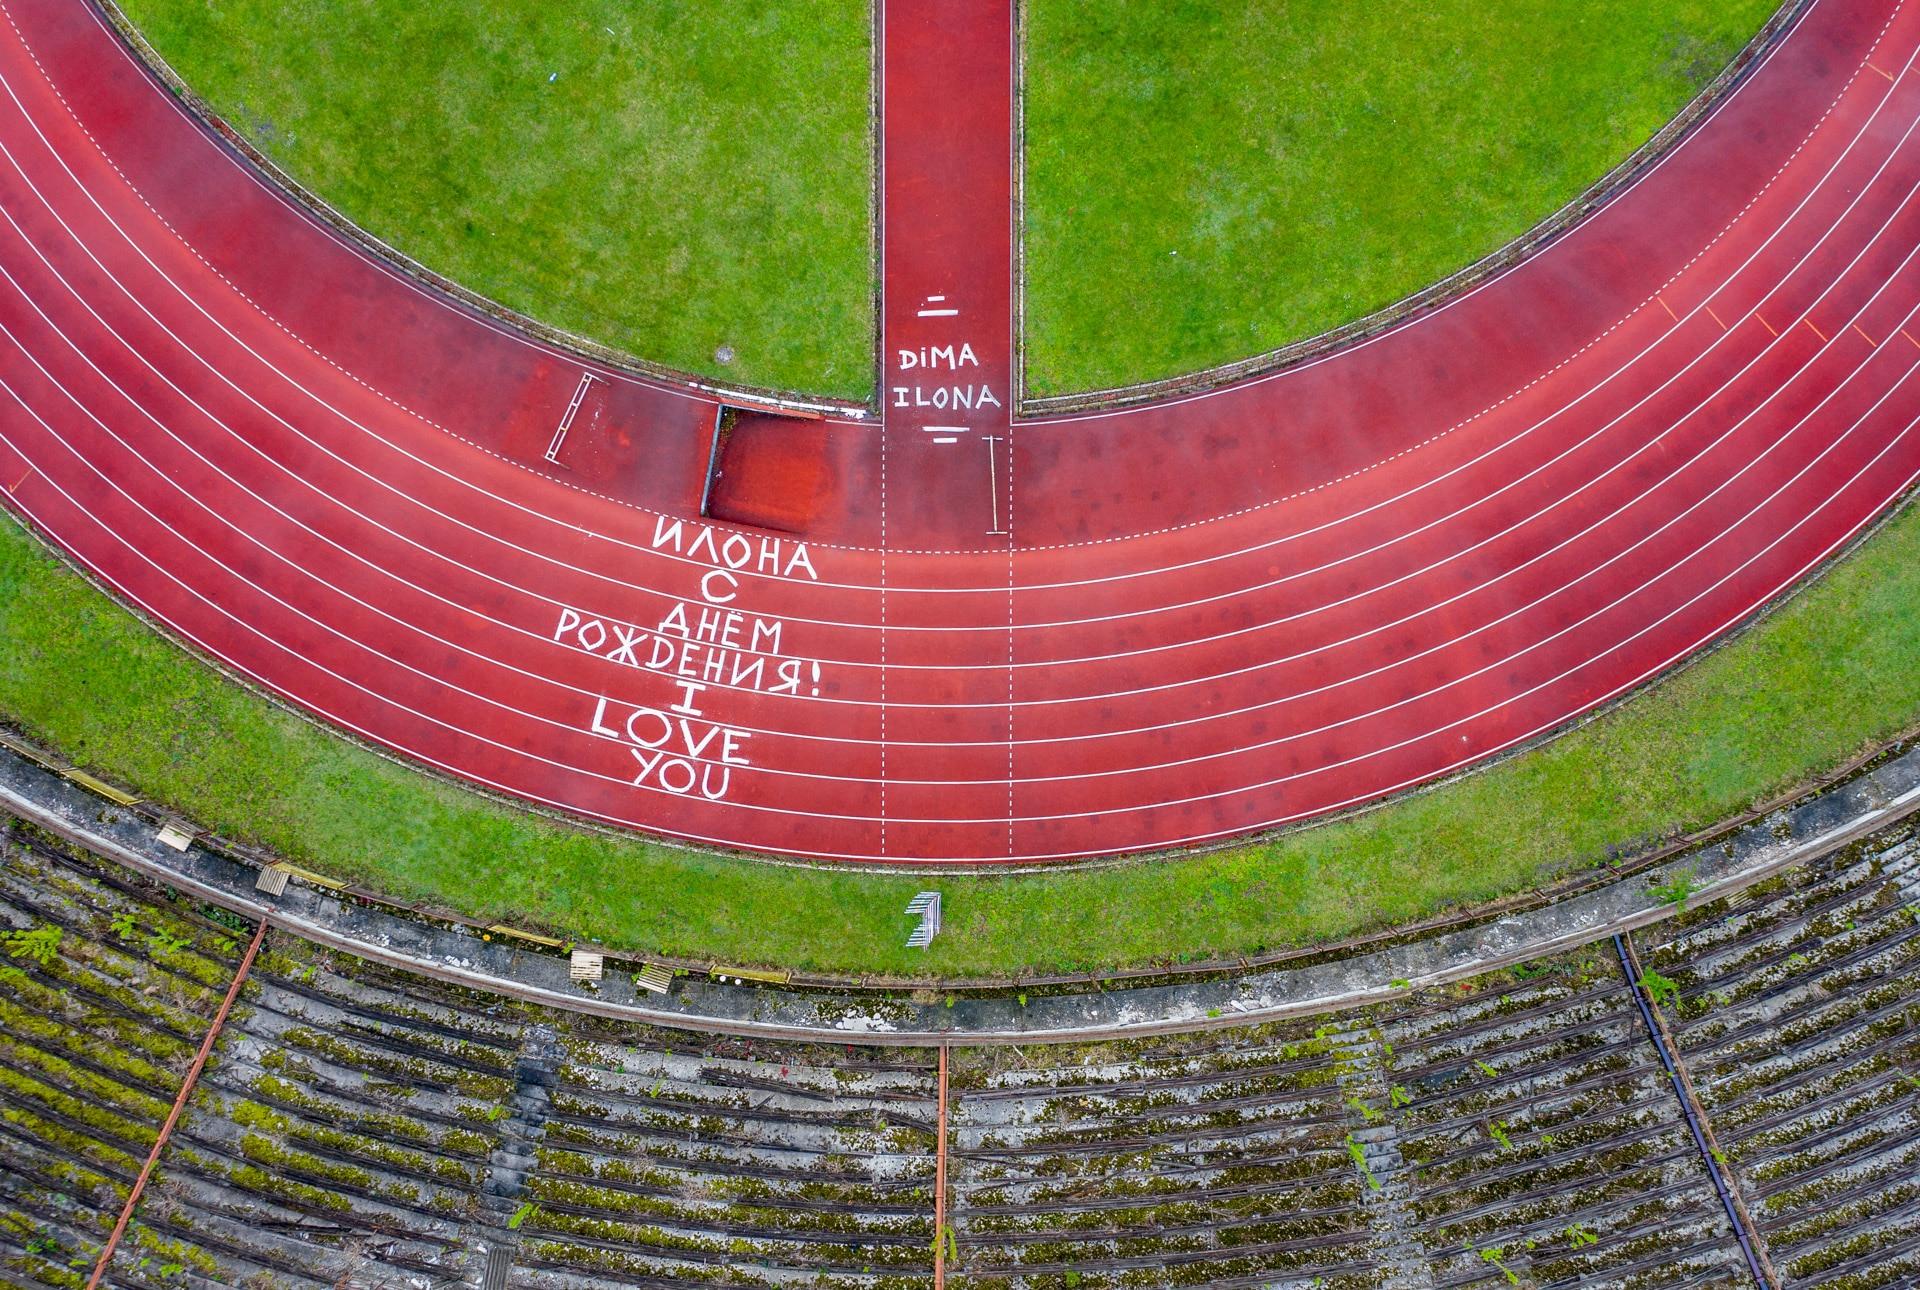 Stadion SKRA